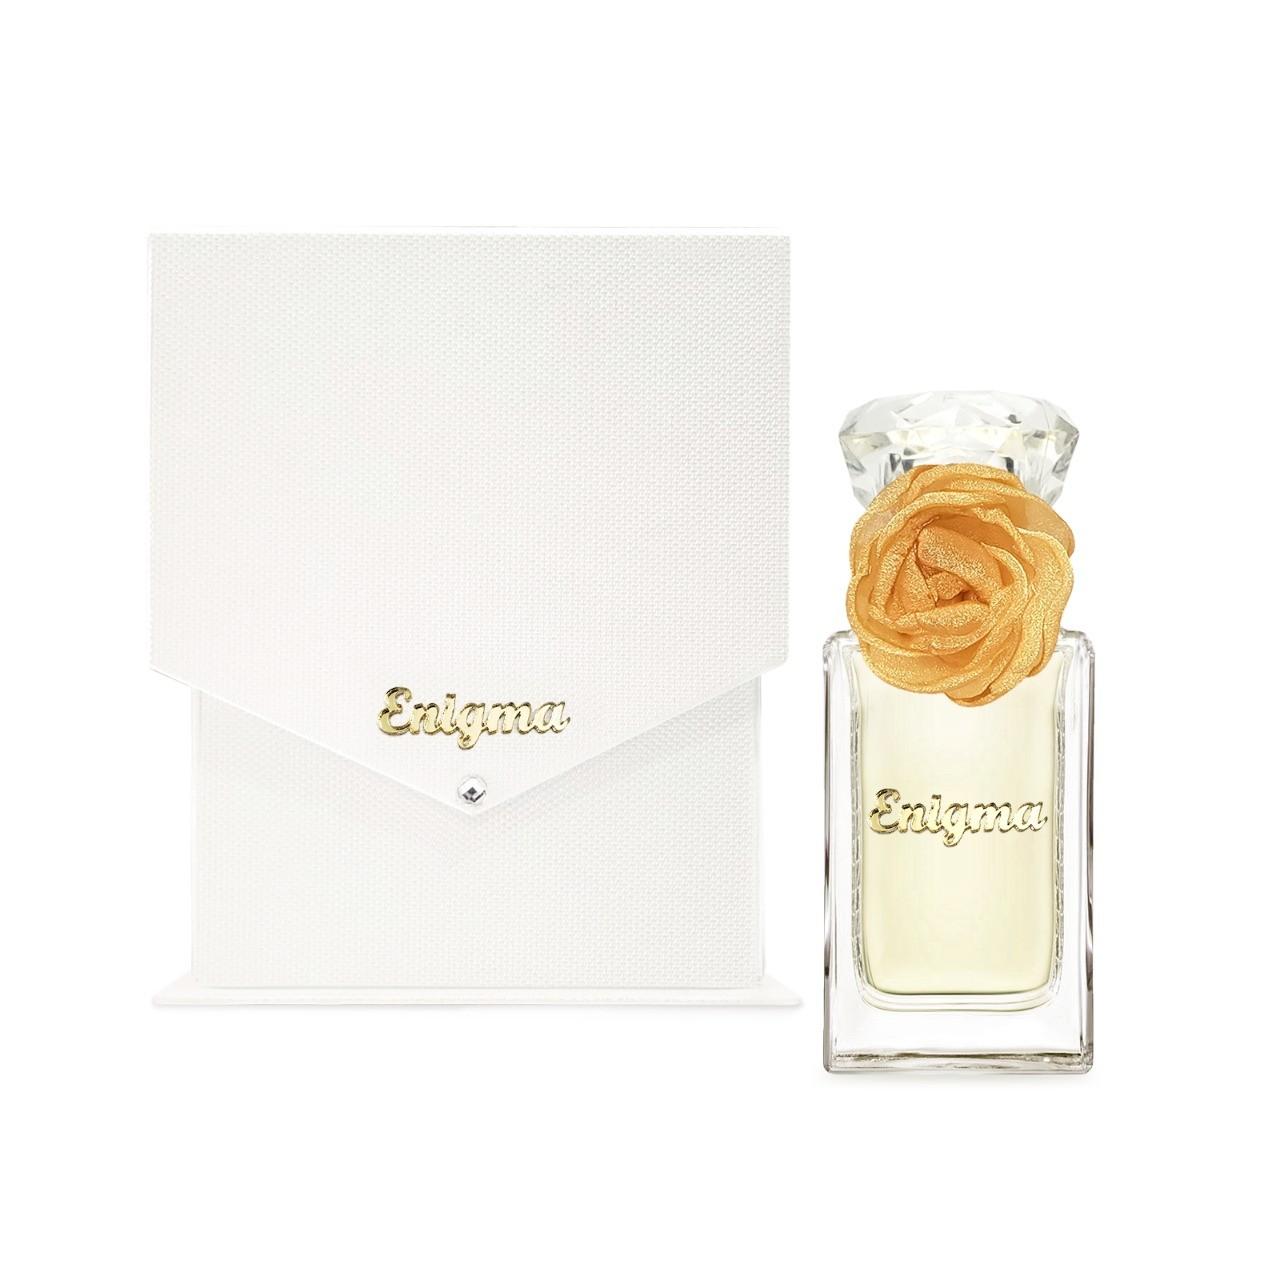 Perfume Enigma EDP 50ml